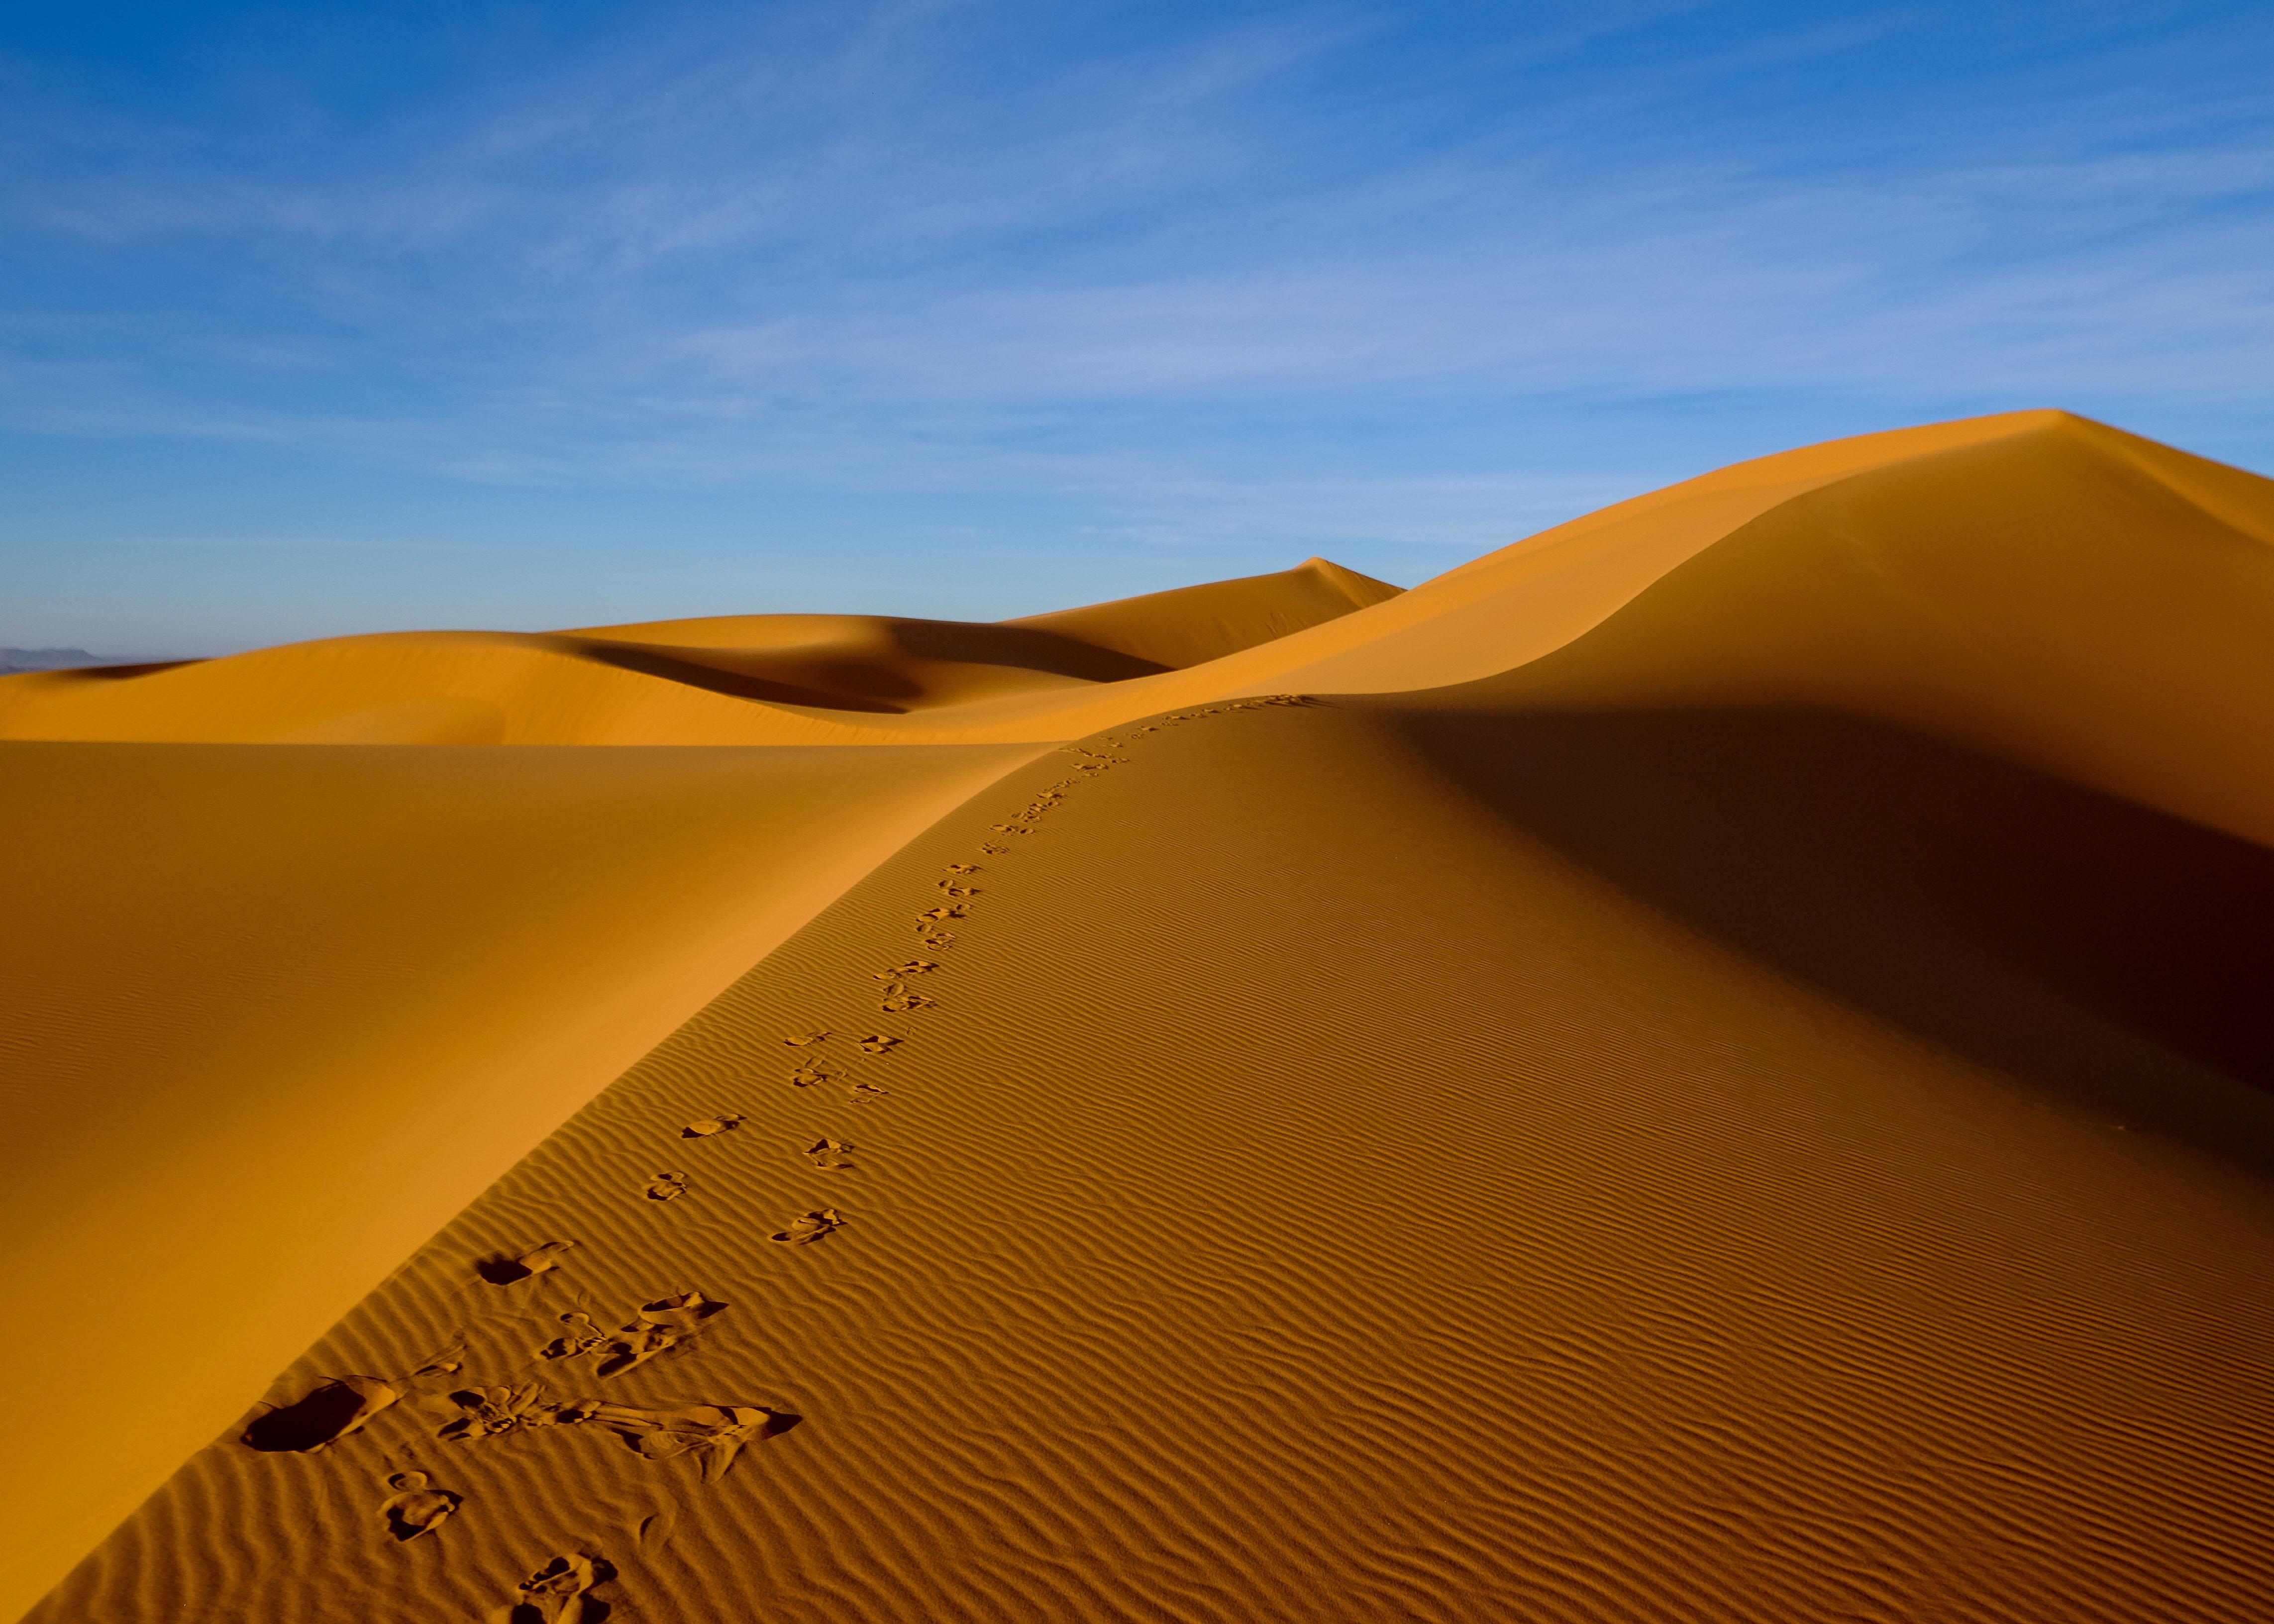 Maroc Desert (11 of 15)